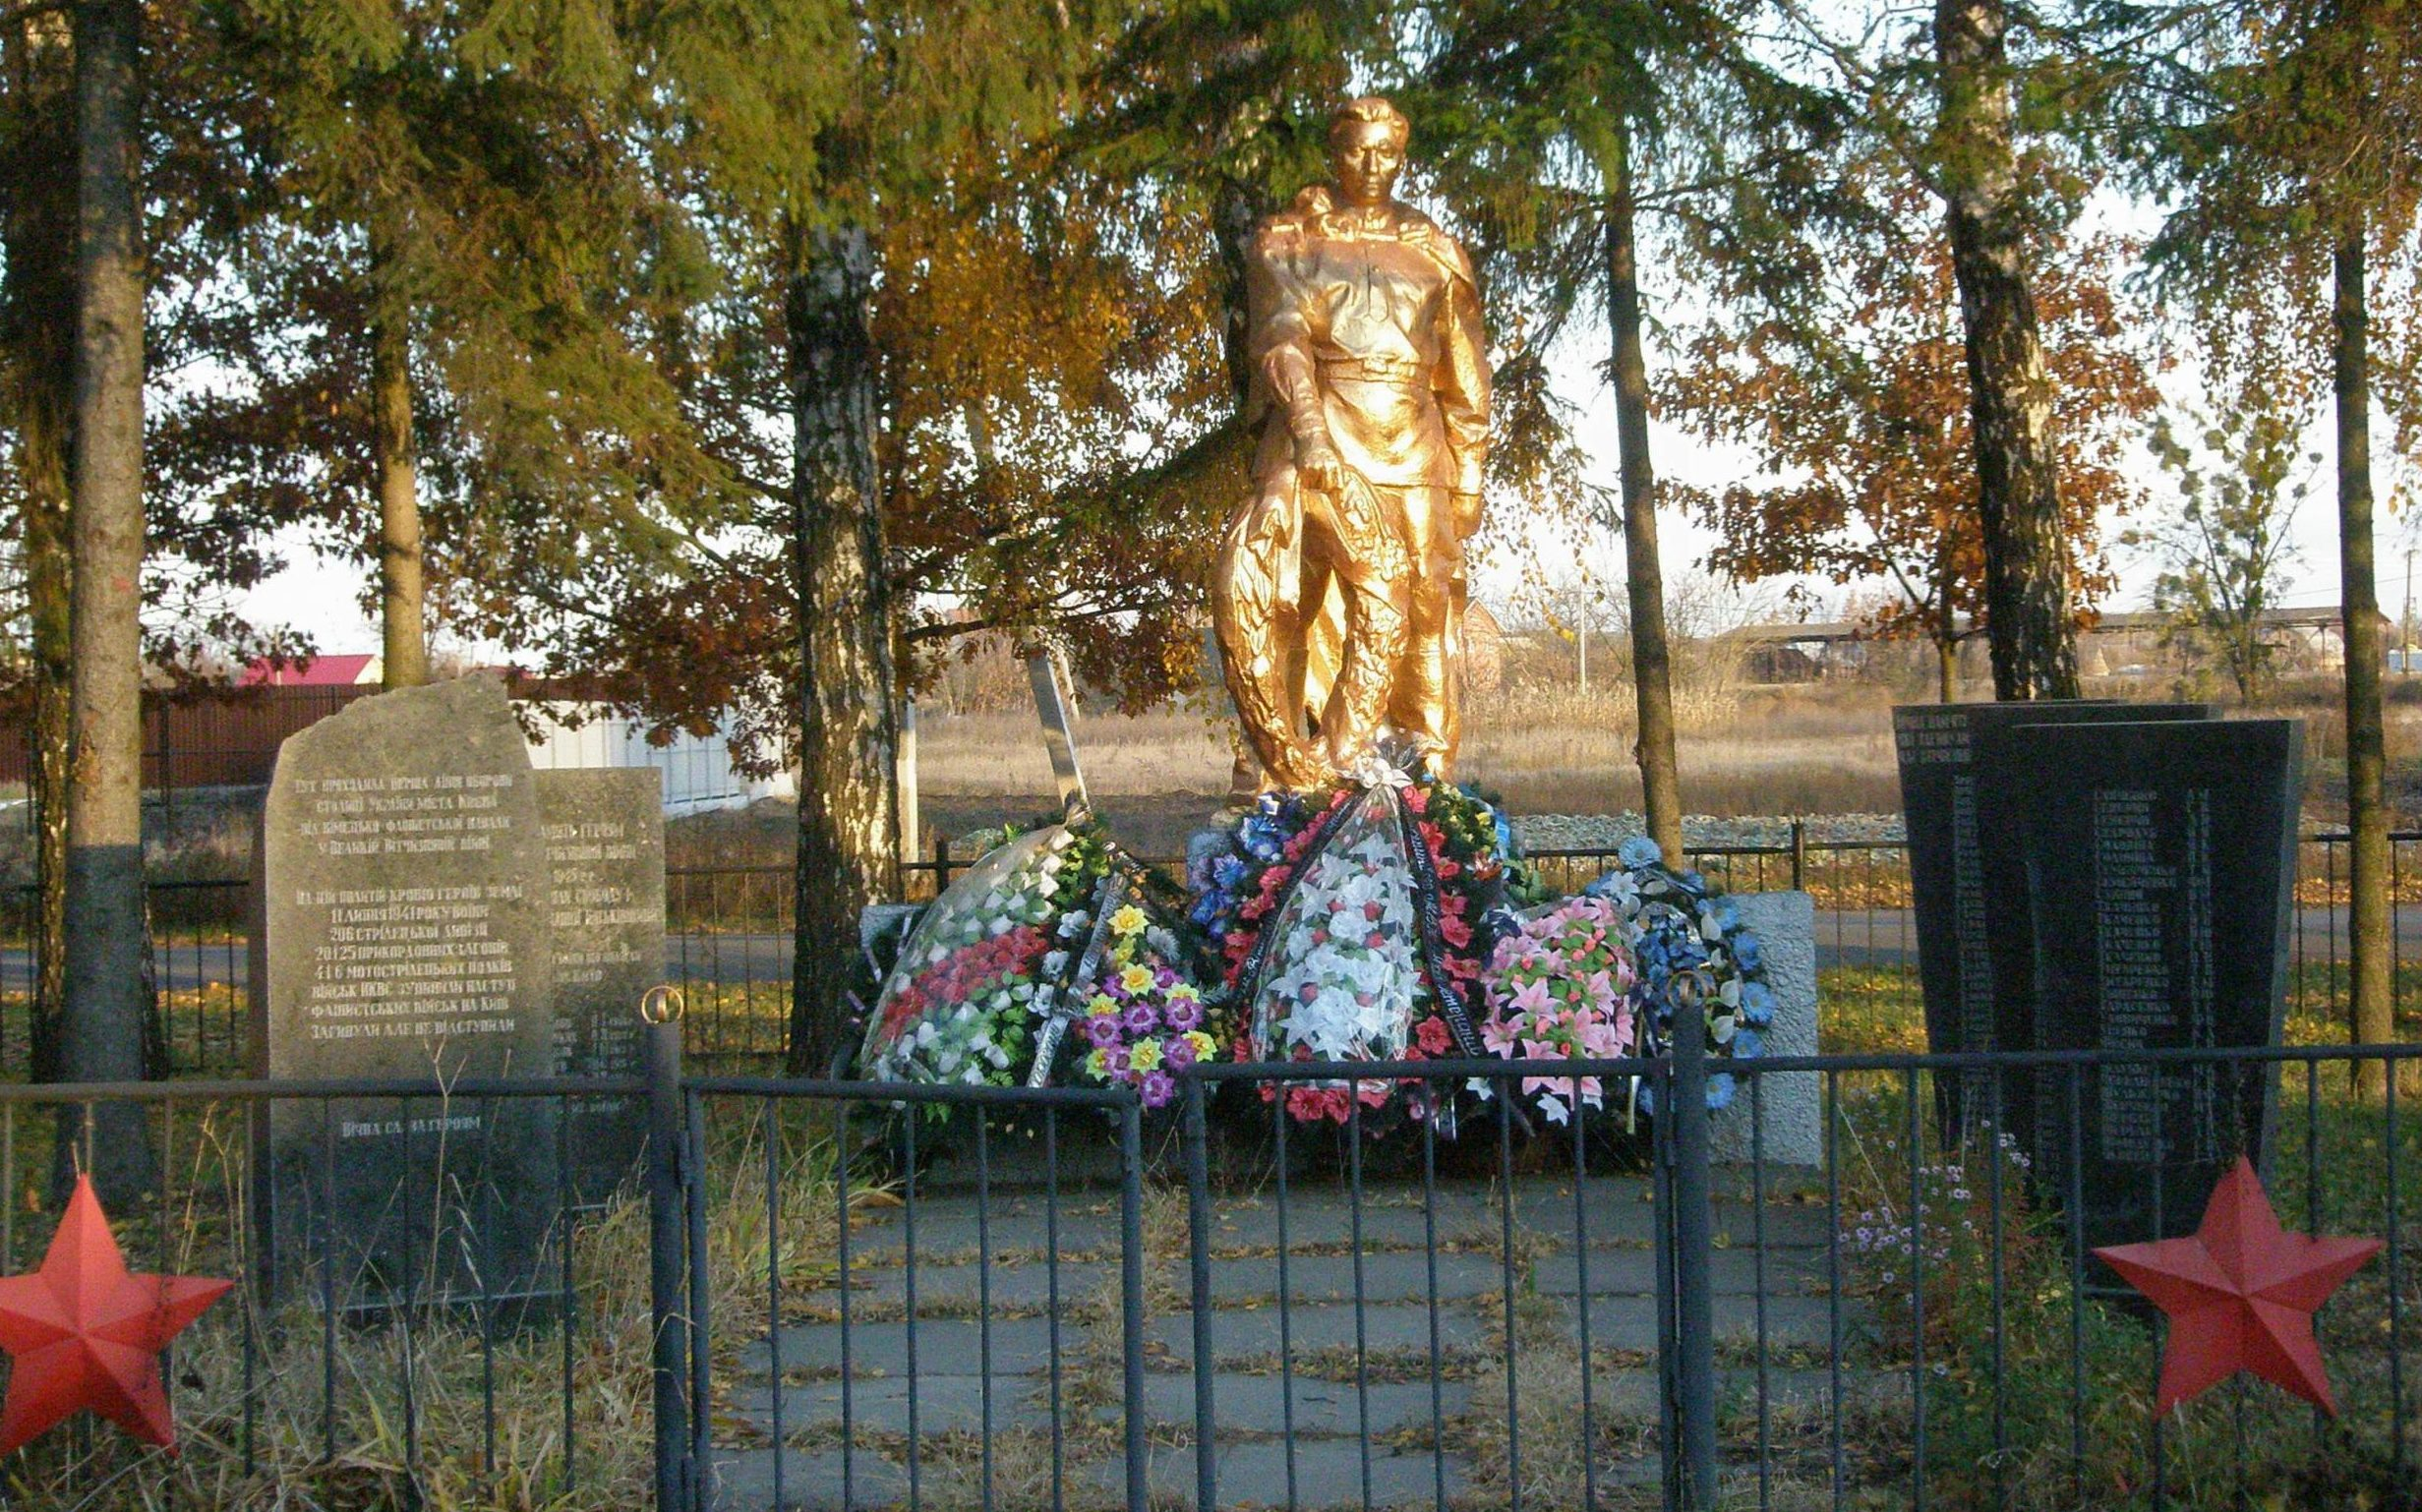 с. Белогородка Киево-Святошинского р-на. Памятник по улице Киевской установленный на братской могиле воинов, погибших во время обороны Киева в 1941 году.